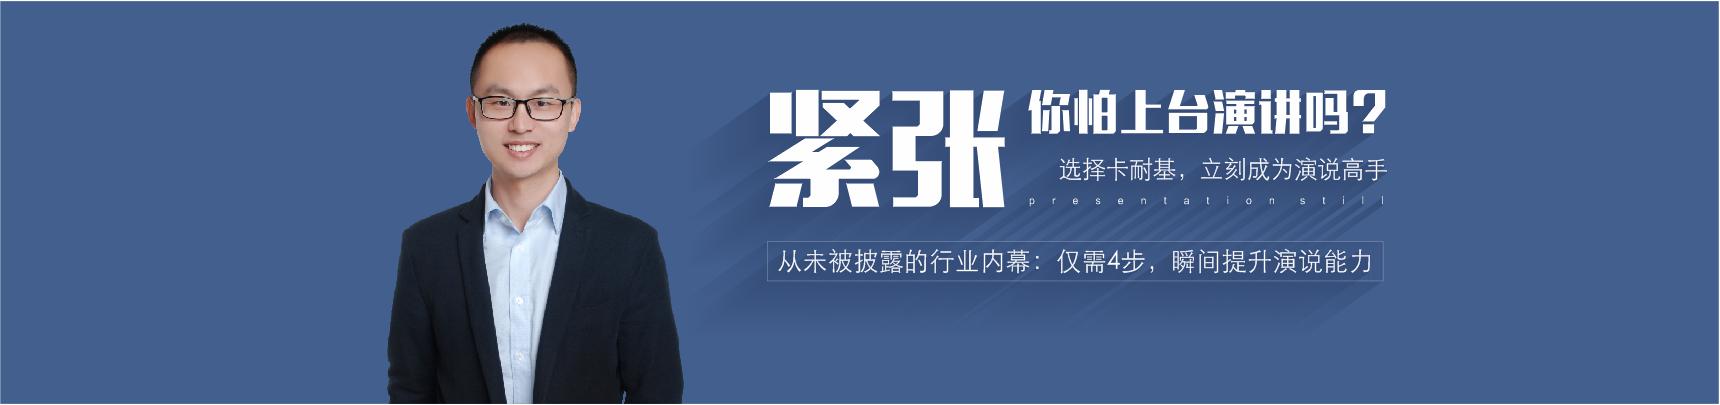 郑州巅峰销售十大培训机构排行榜